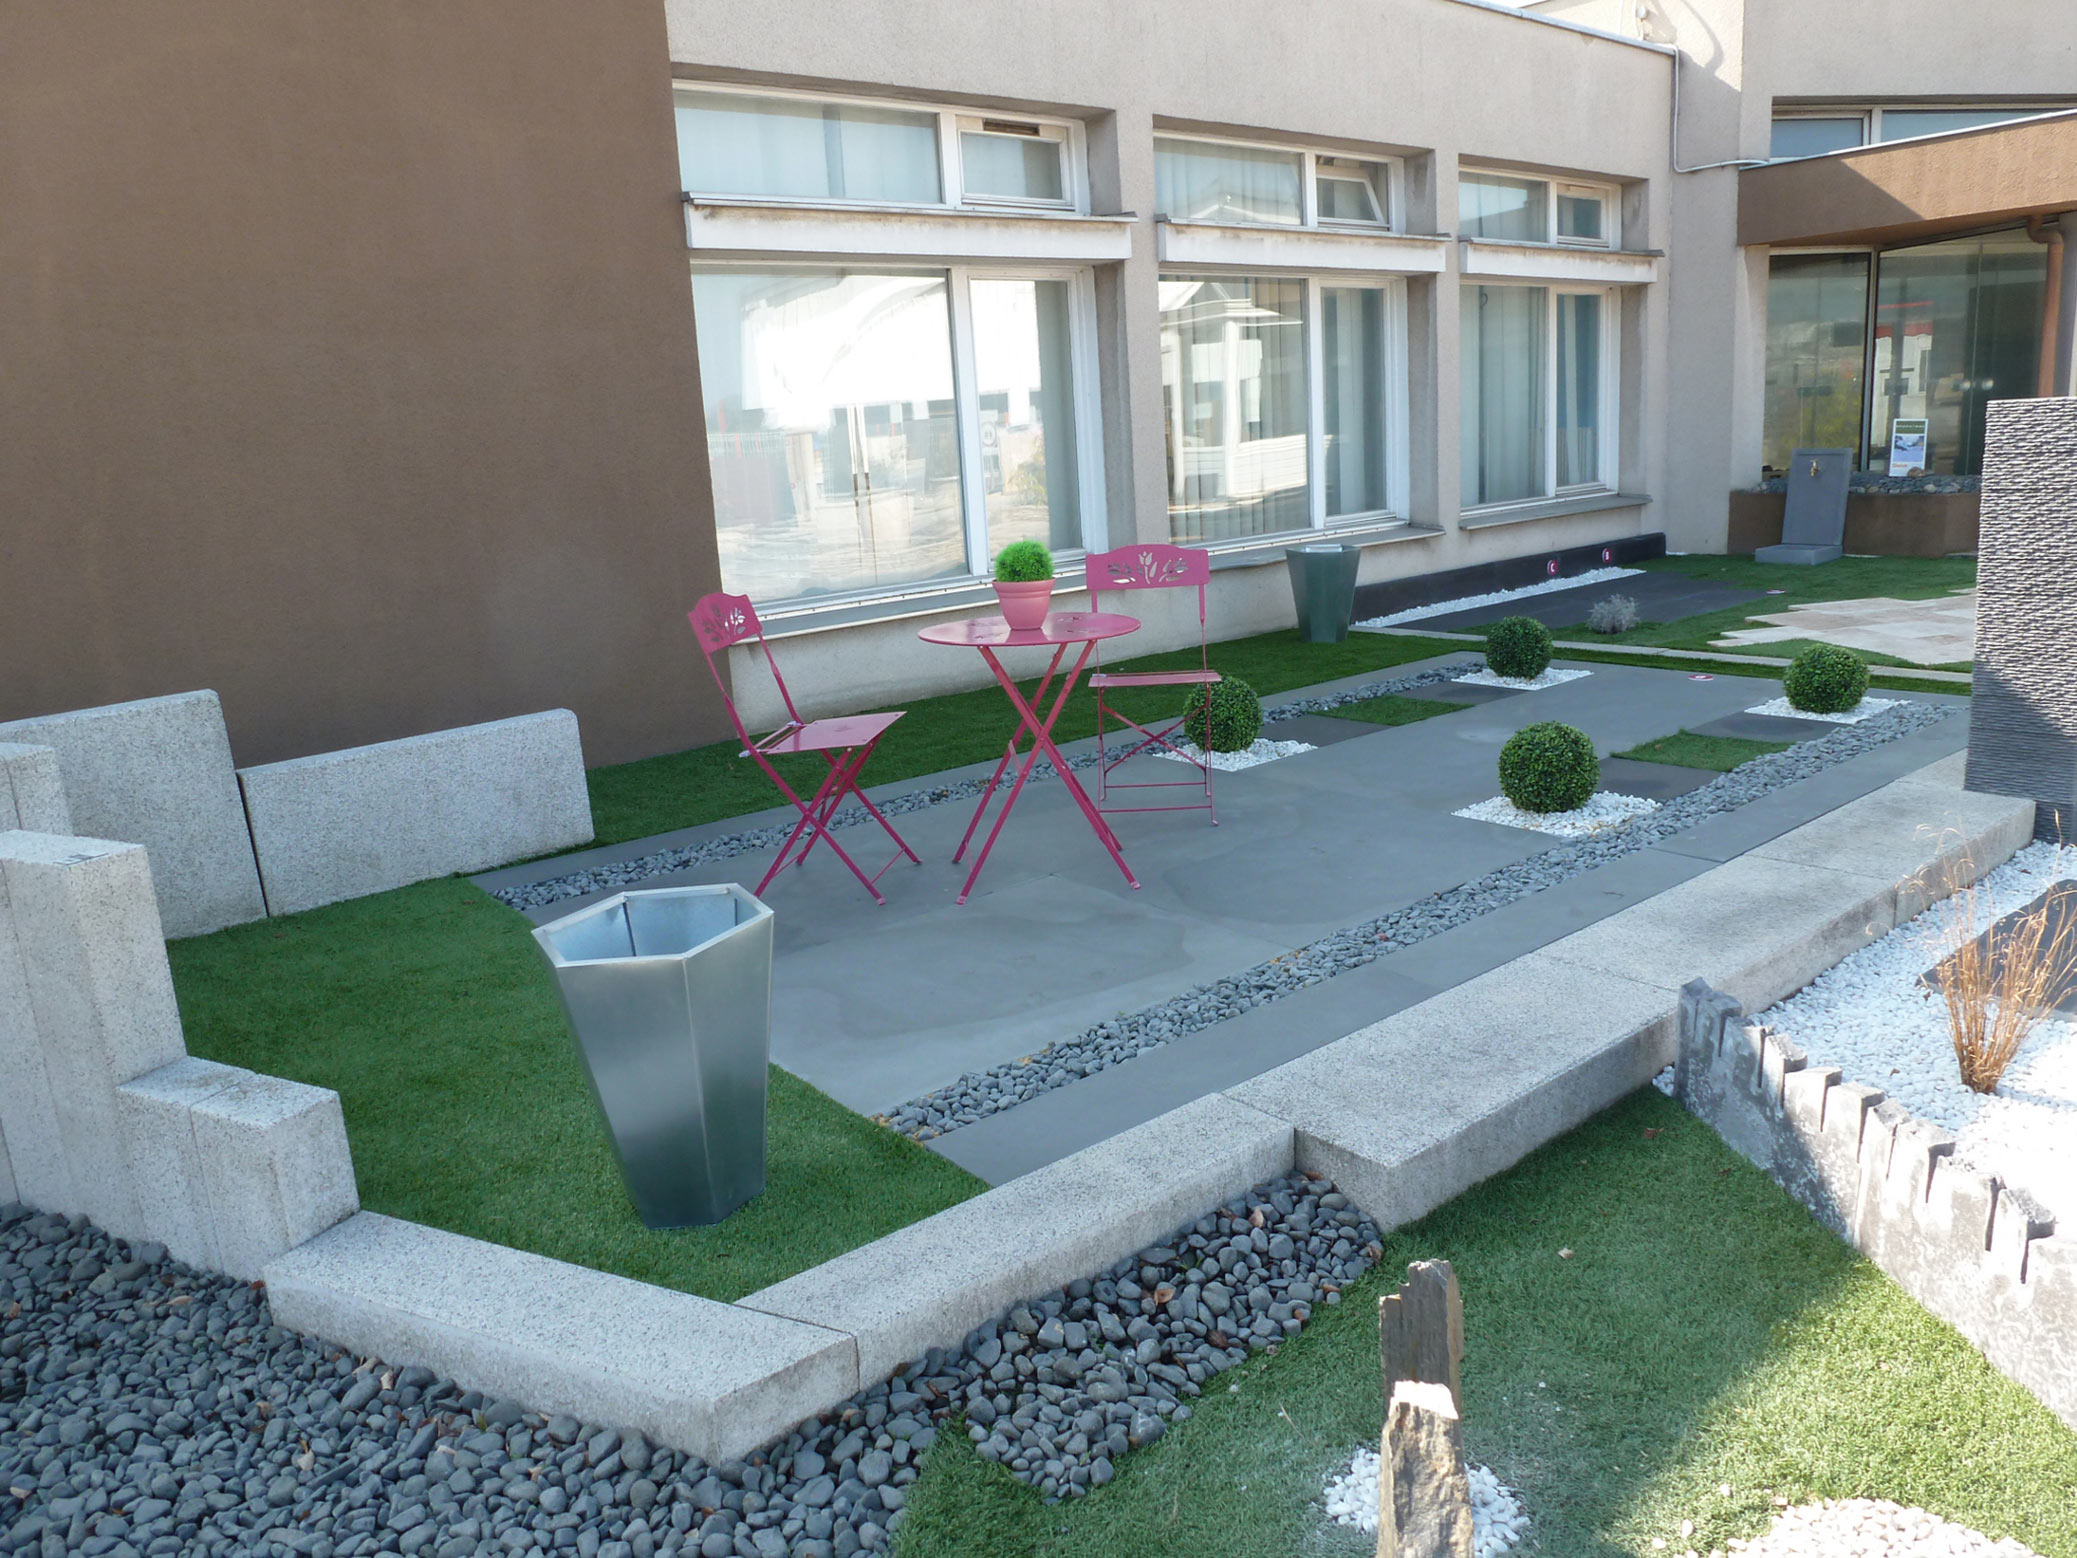 Amenagement Exterieur Terrasse Maison aménagement de terrasses et jardins, création - kalistâ, le